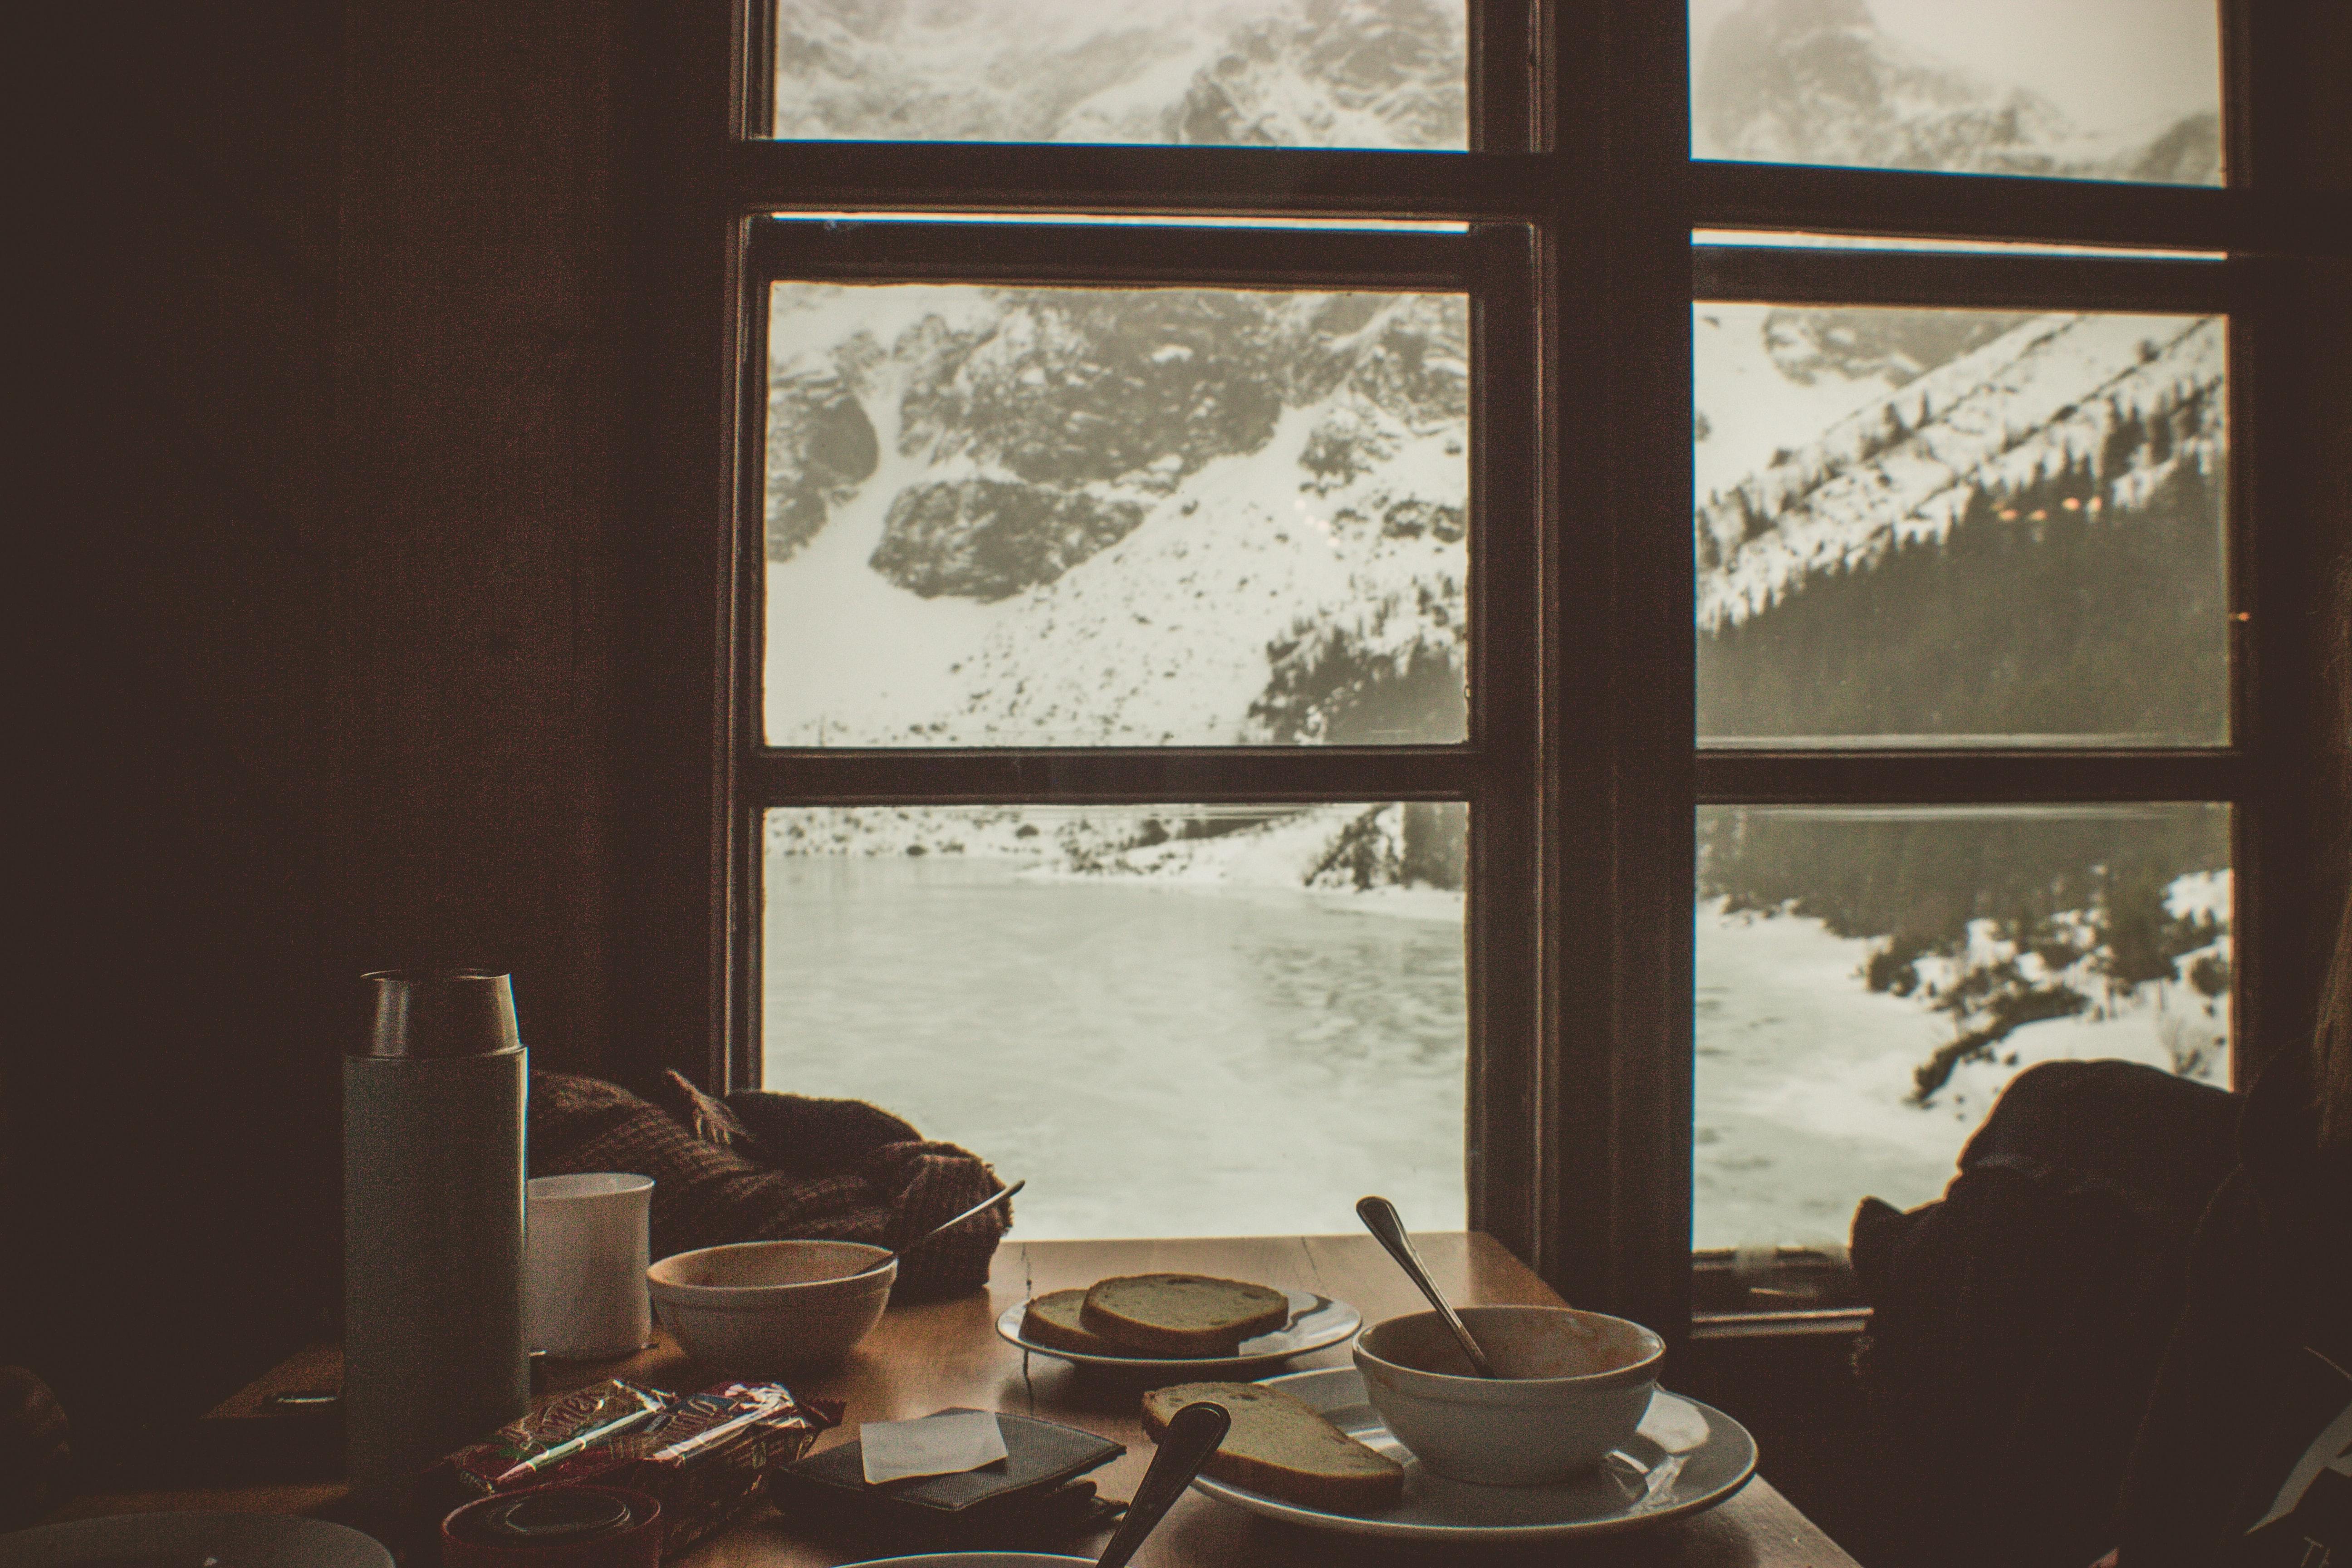 Articole utile, rețete și idei de încercat cât stăm acasă